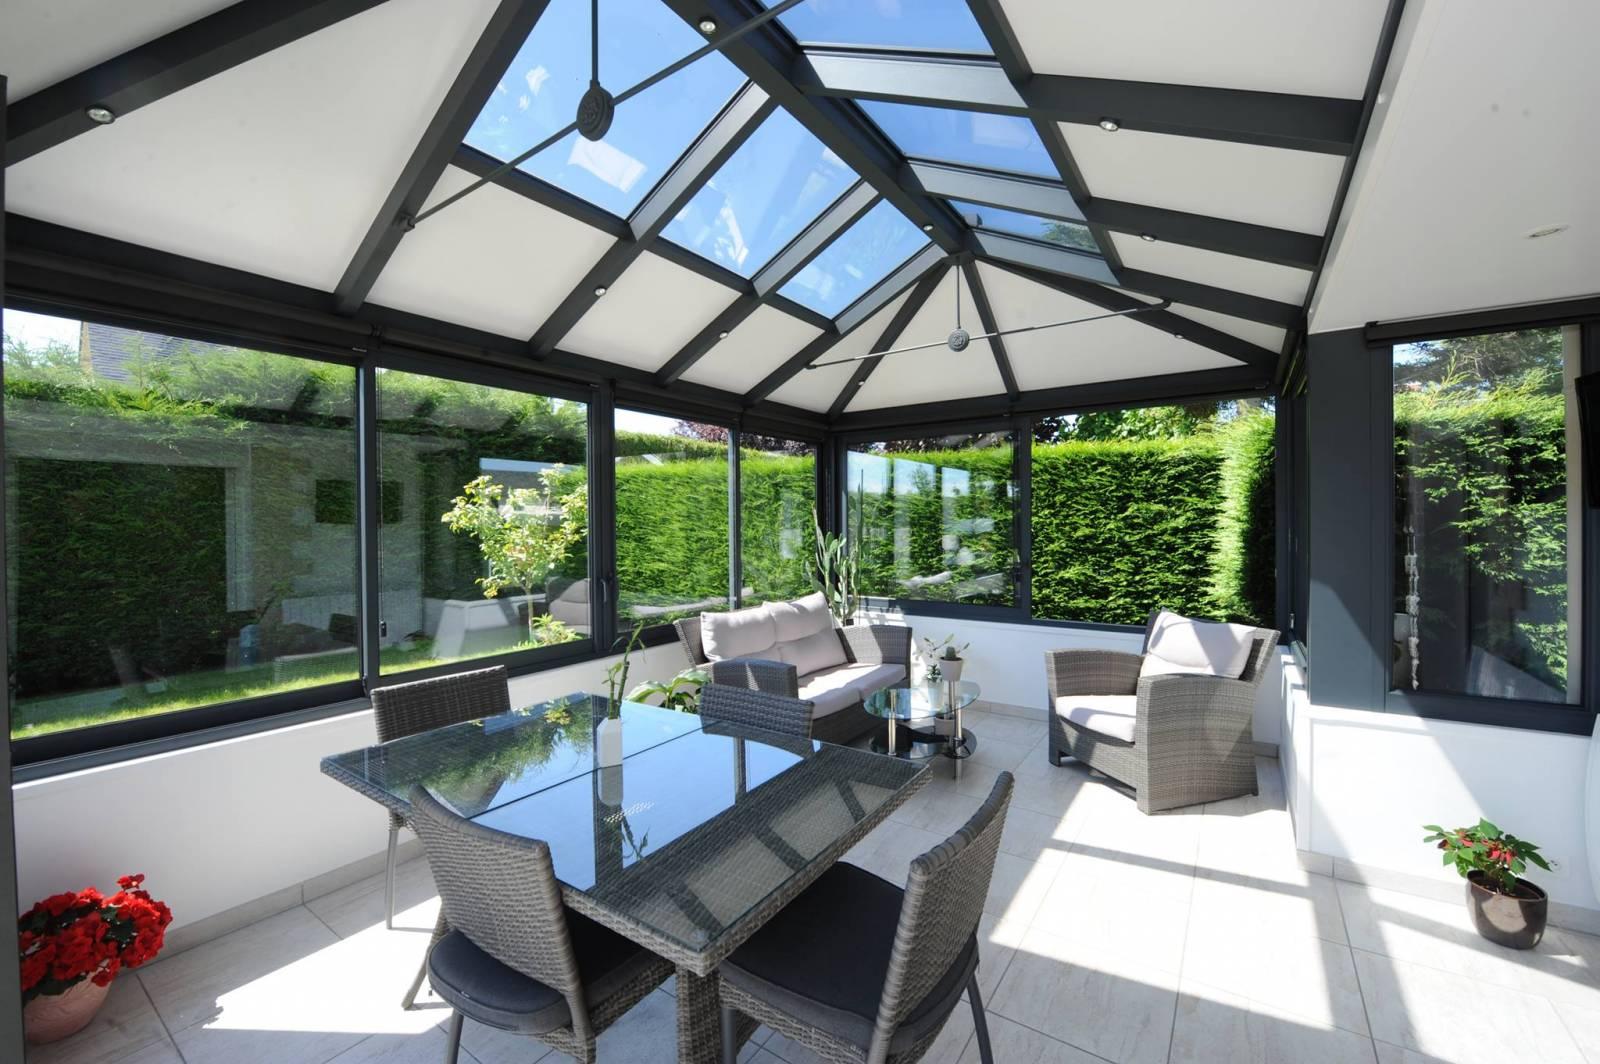 quel est le prix d 39 une veranda alu 20m lyon perspective v randa. Black Bedroom Furniture Sets. Home Design Ideas